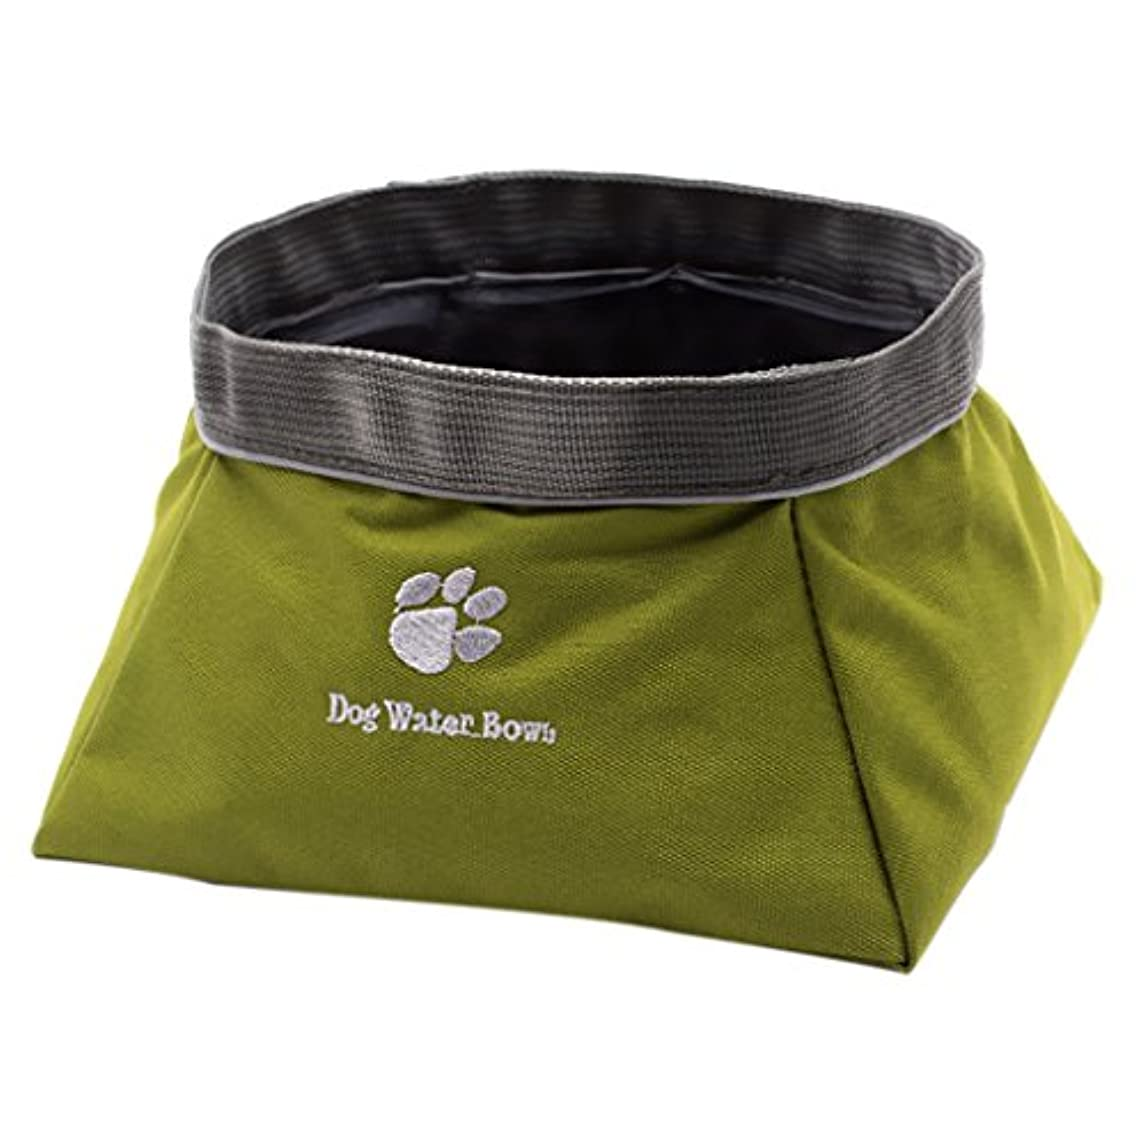 みがきますアヒル瞑想するPerfk 犬 猫 食品 水 ボウル 折りたたみ 防水 実用的 全2種  - 食べ物と水のボウル